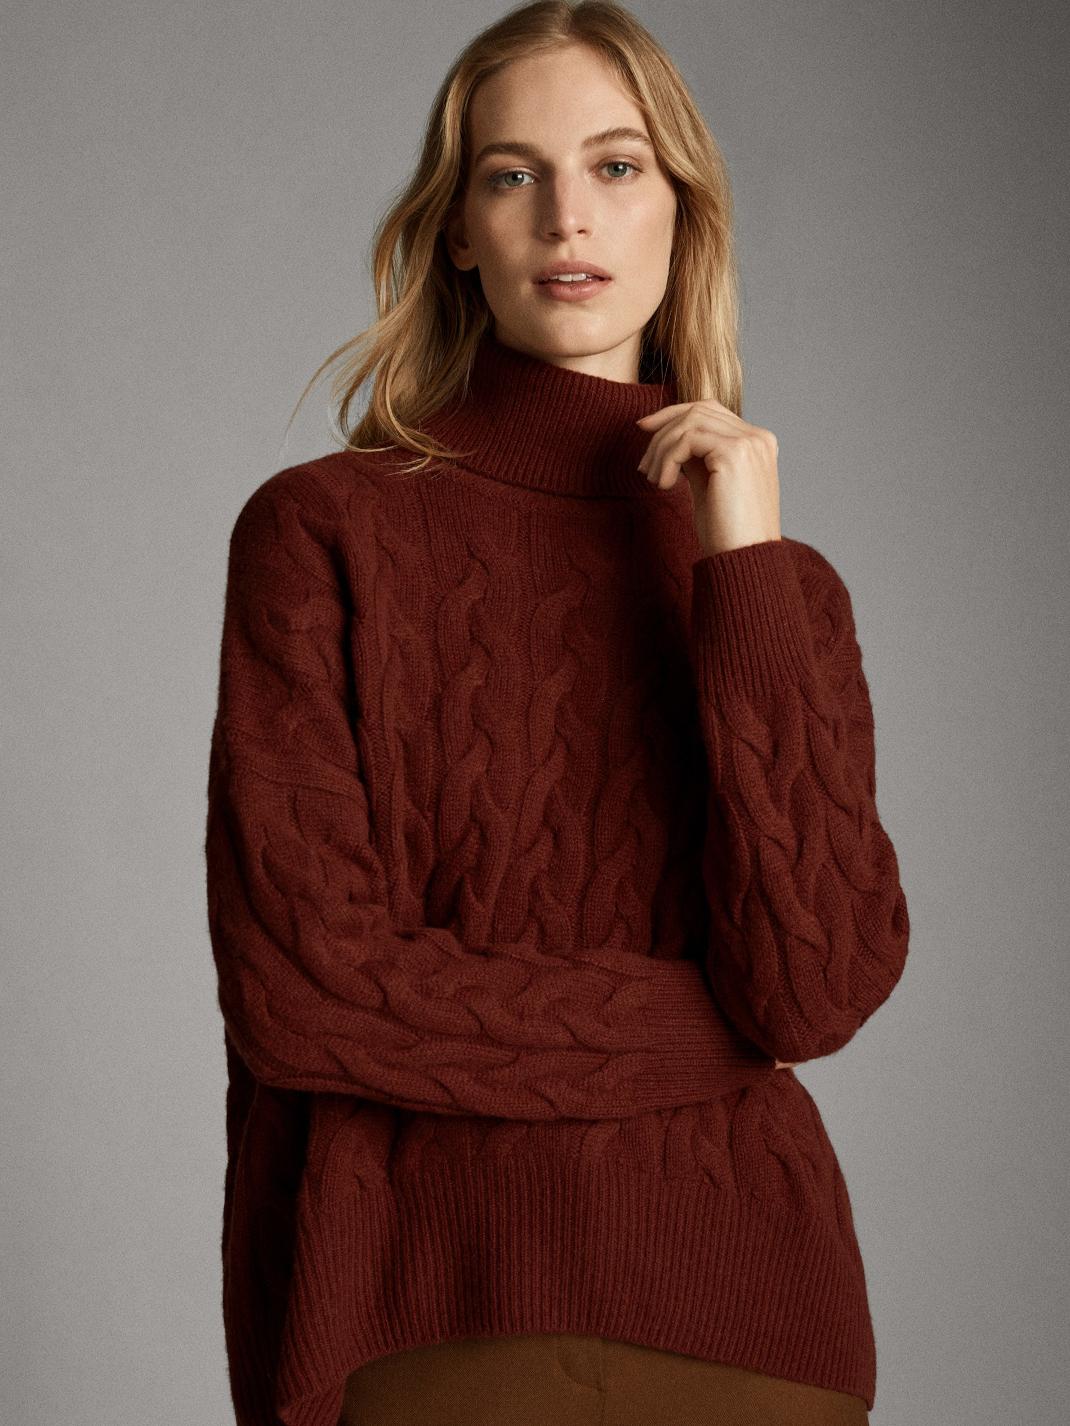 γυναίκα φορά πλεκτό πουλόβερ